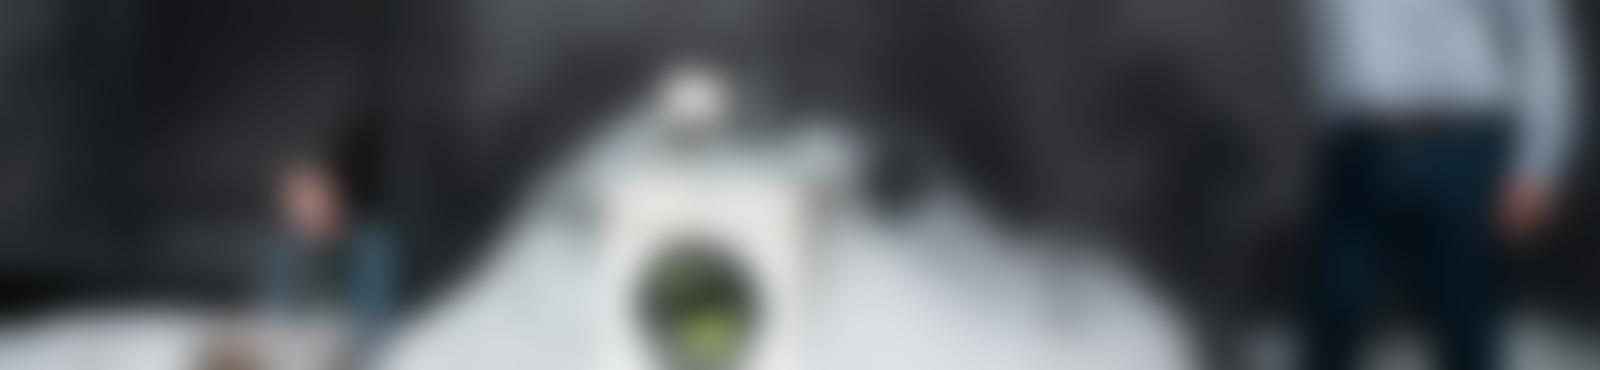 Blurred 201c6c60 6036 4841 a6ce 1b3668110321